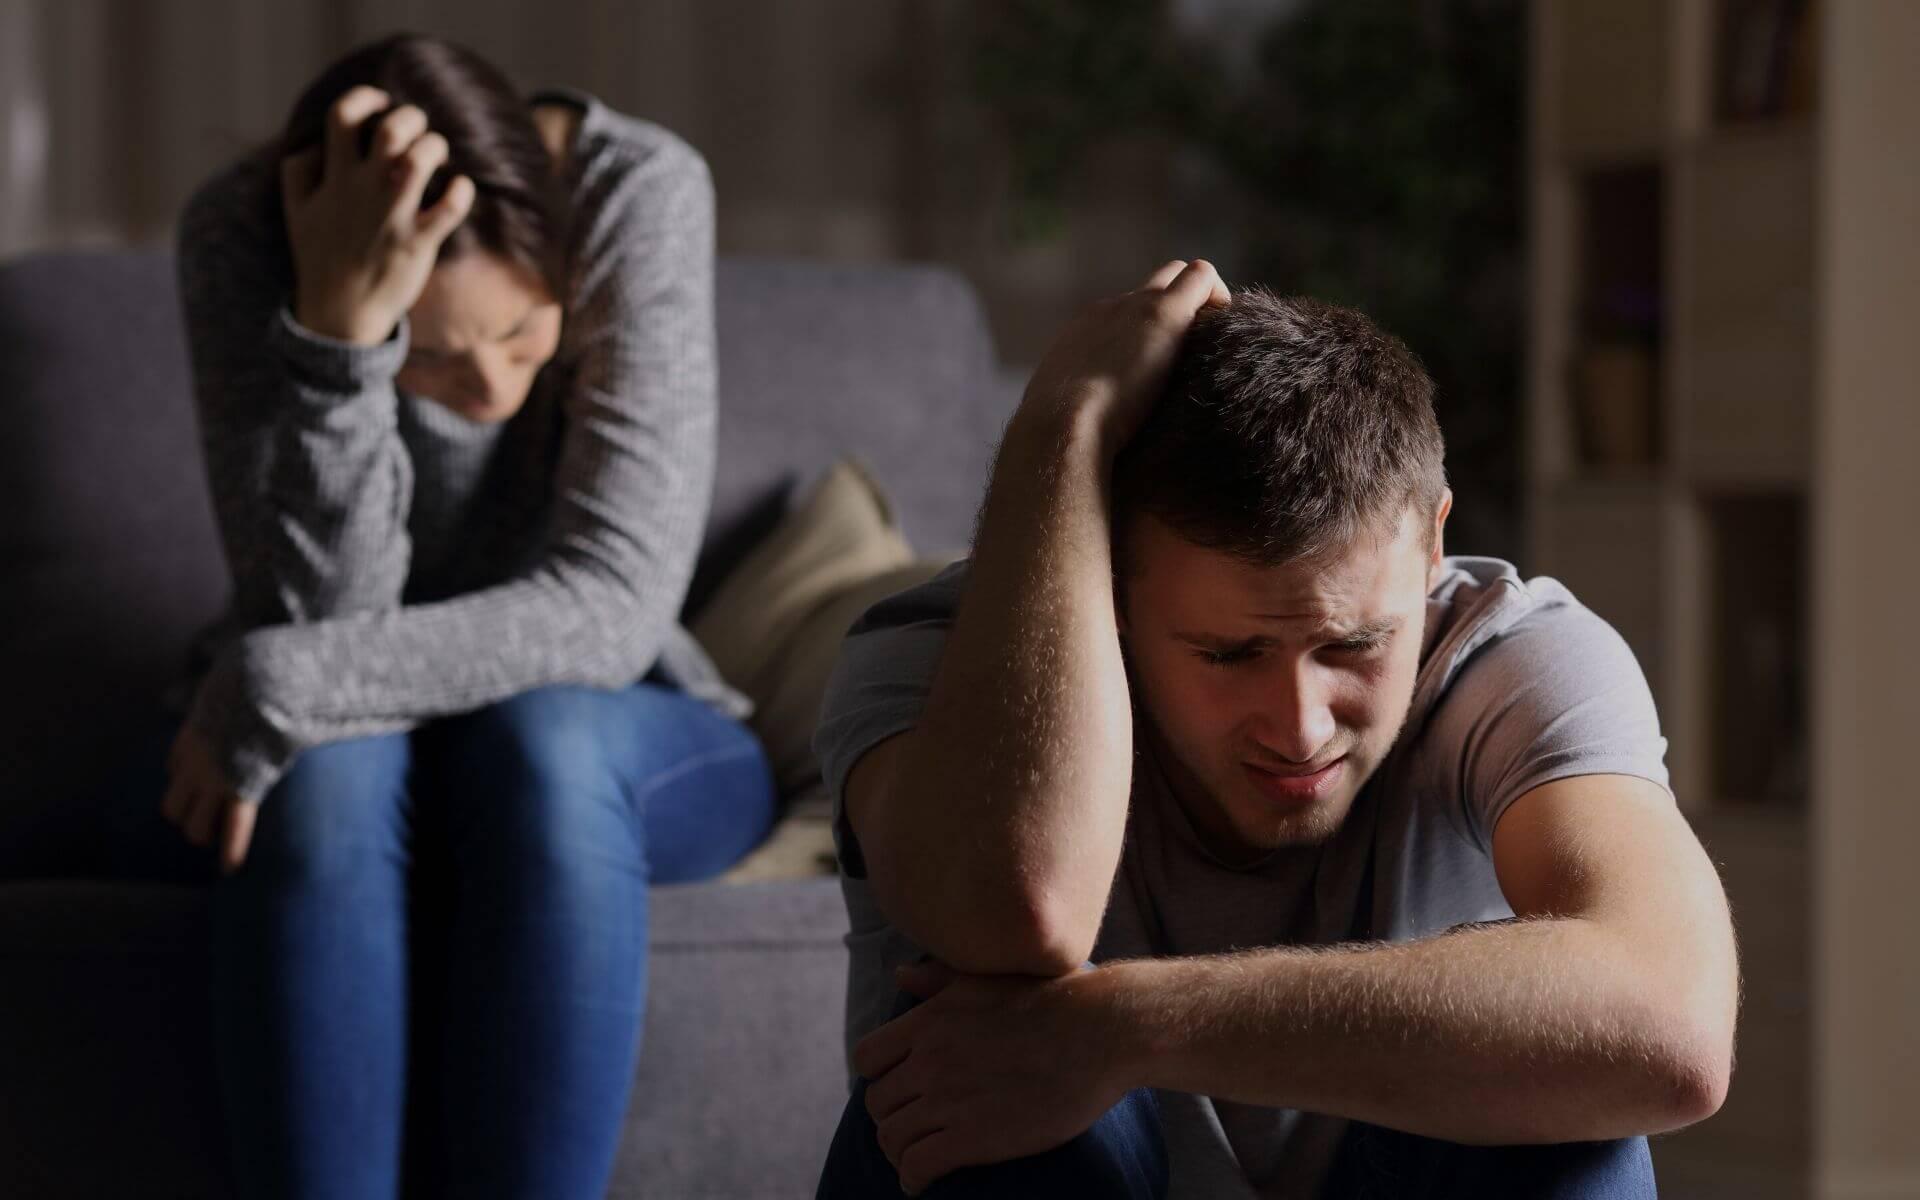 Trennungsschmerz: 5 Tipps wieder glücklich zu werden